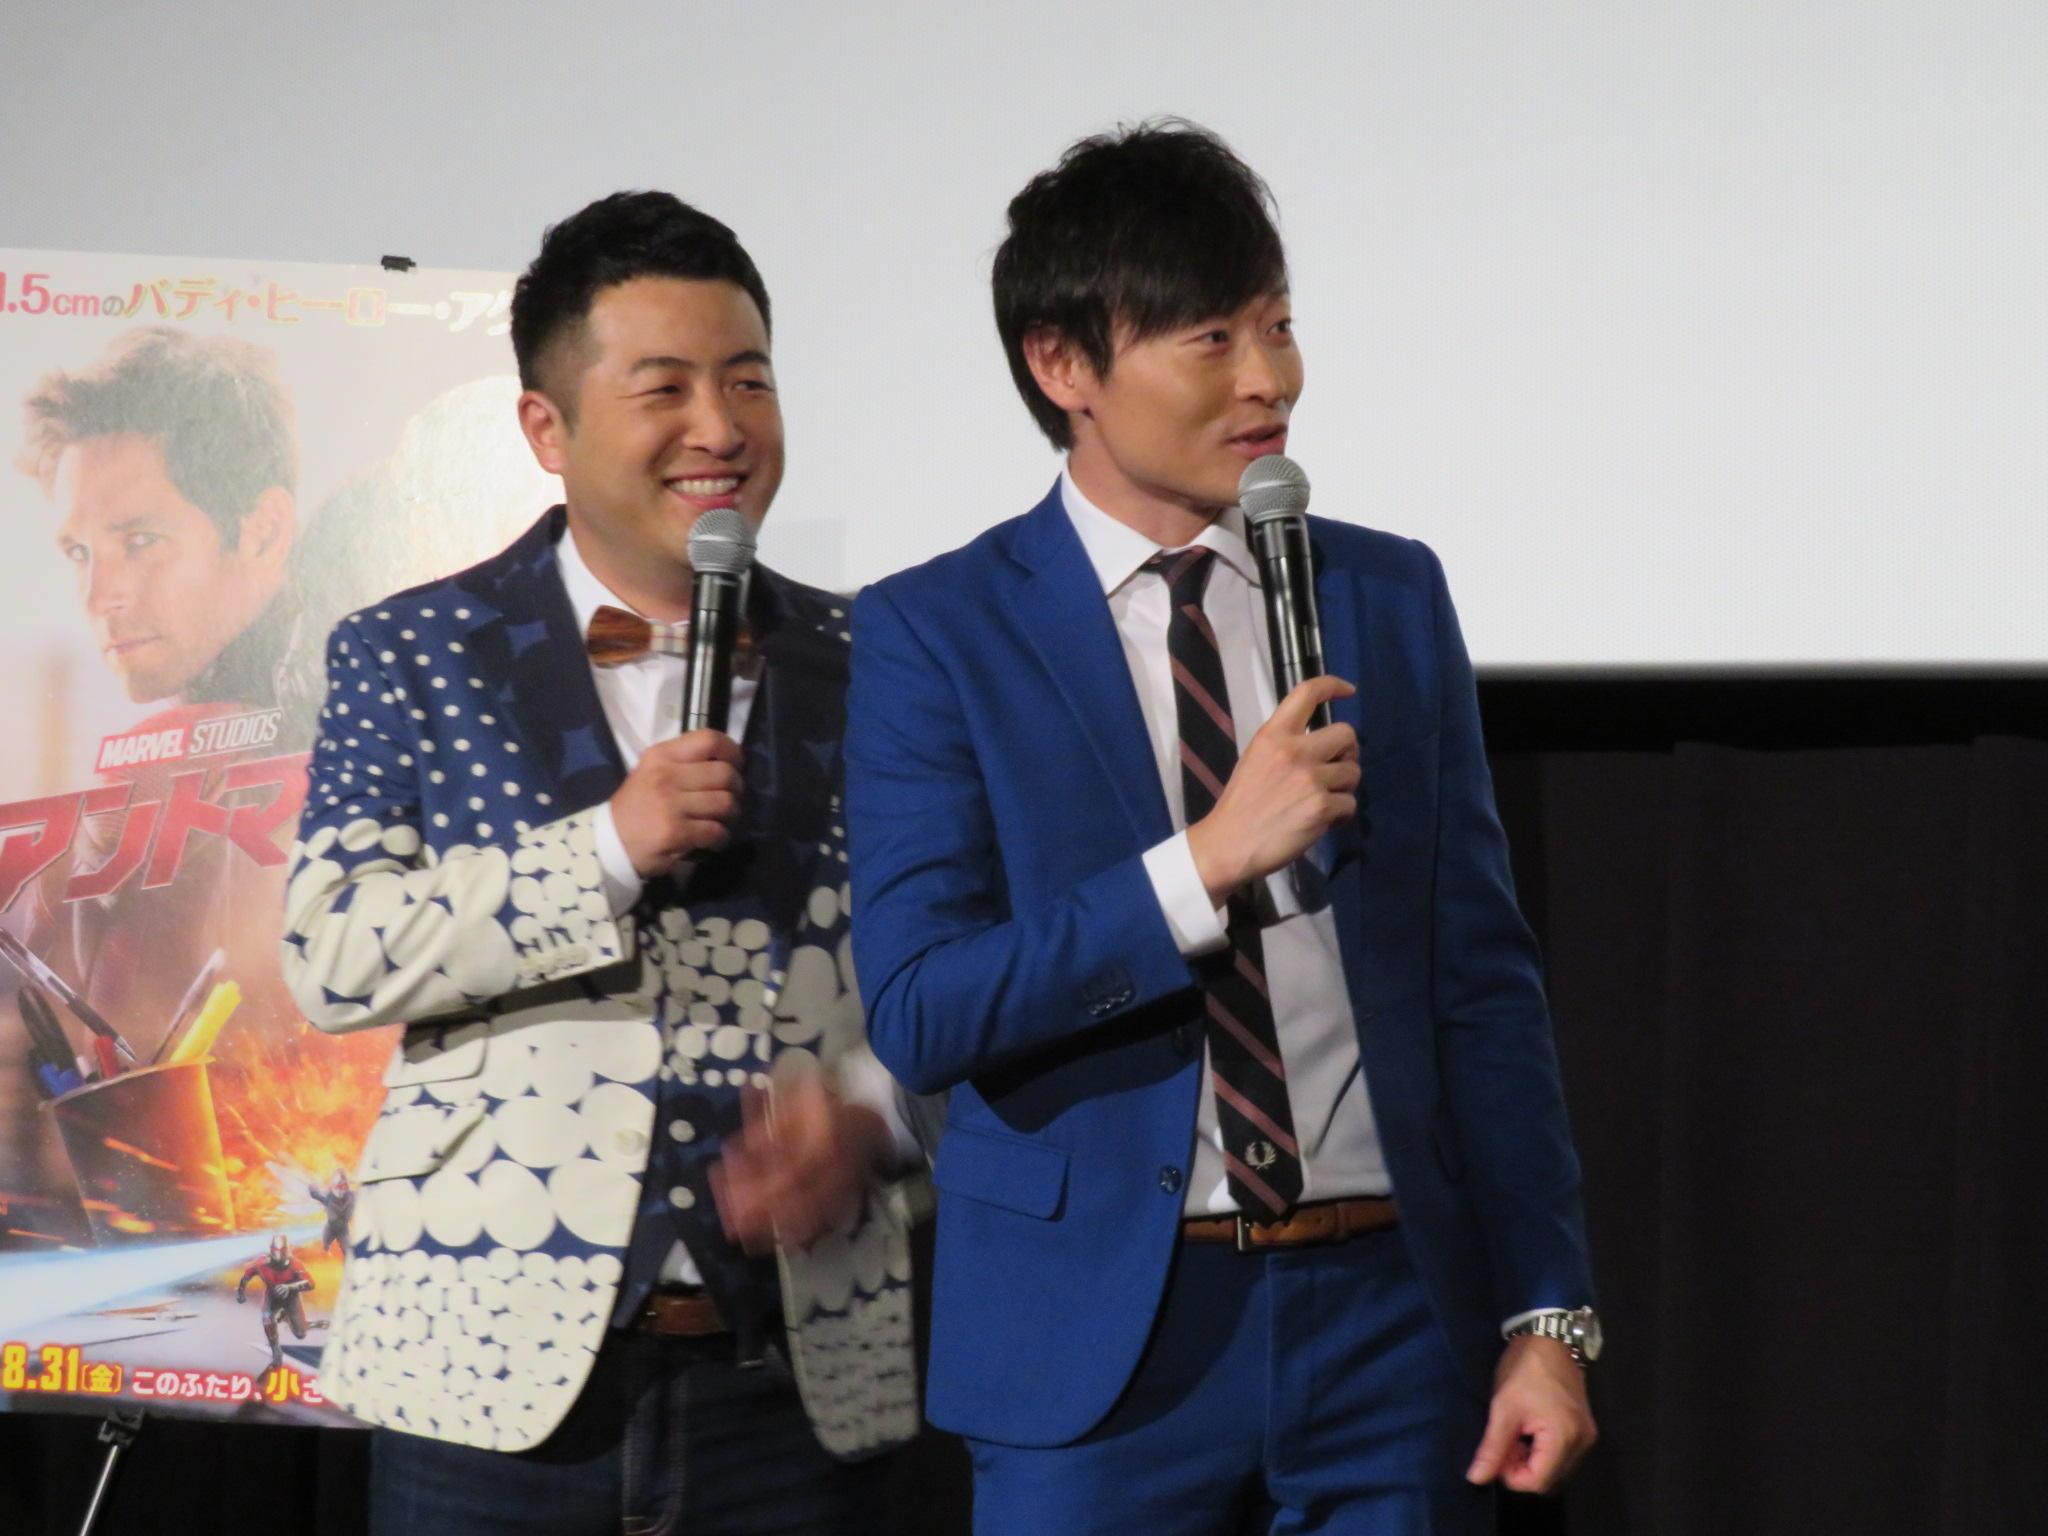 http://news.yoshimoto.co.jp/20180810020649-7bc6f4caf97987176186715886d7bee1bd39db48.jpg